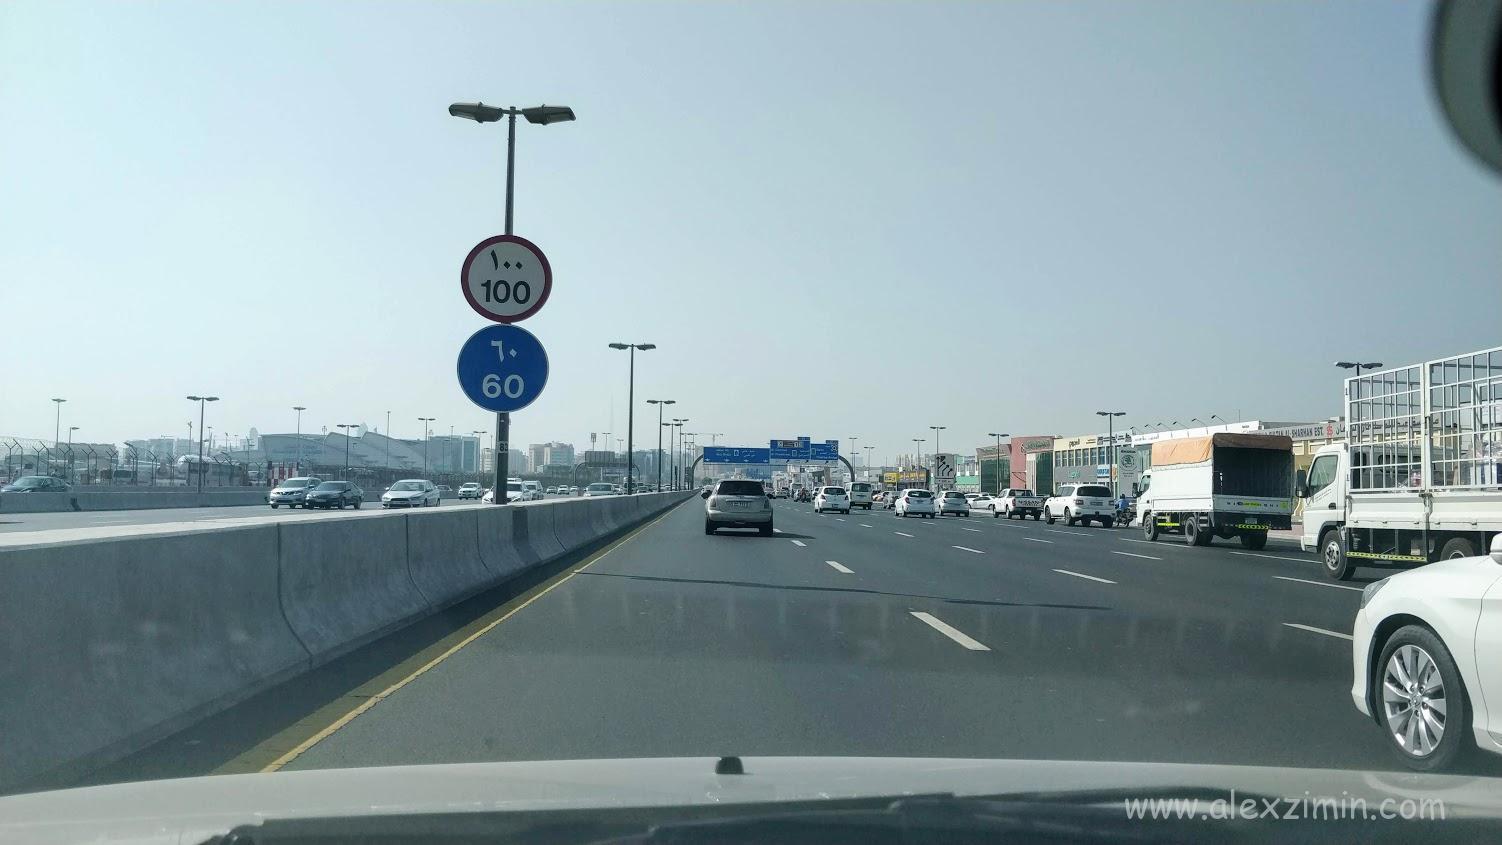 Ограничение скорости на автобане 100 и 60 км ч